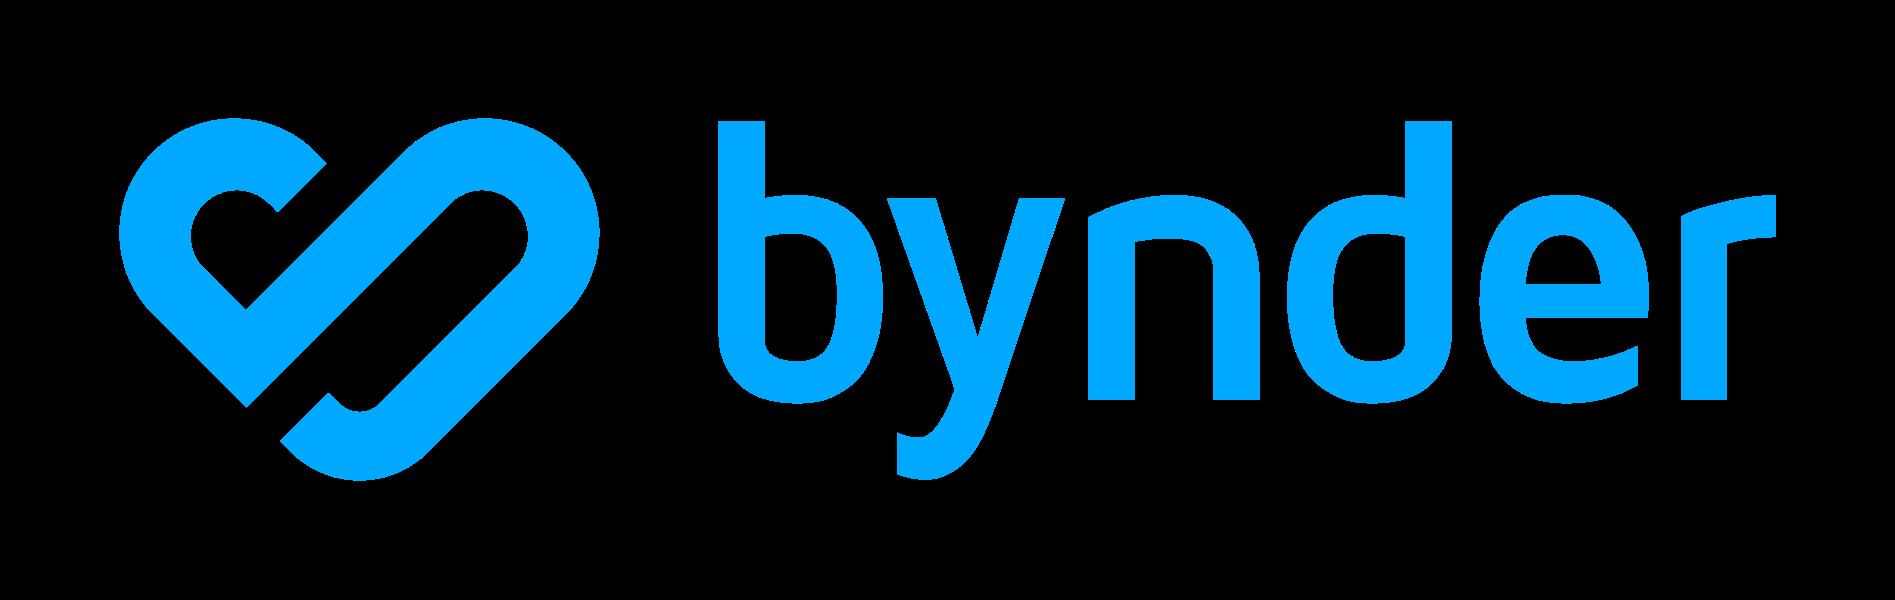 Bynder Logo Blue